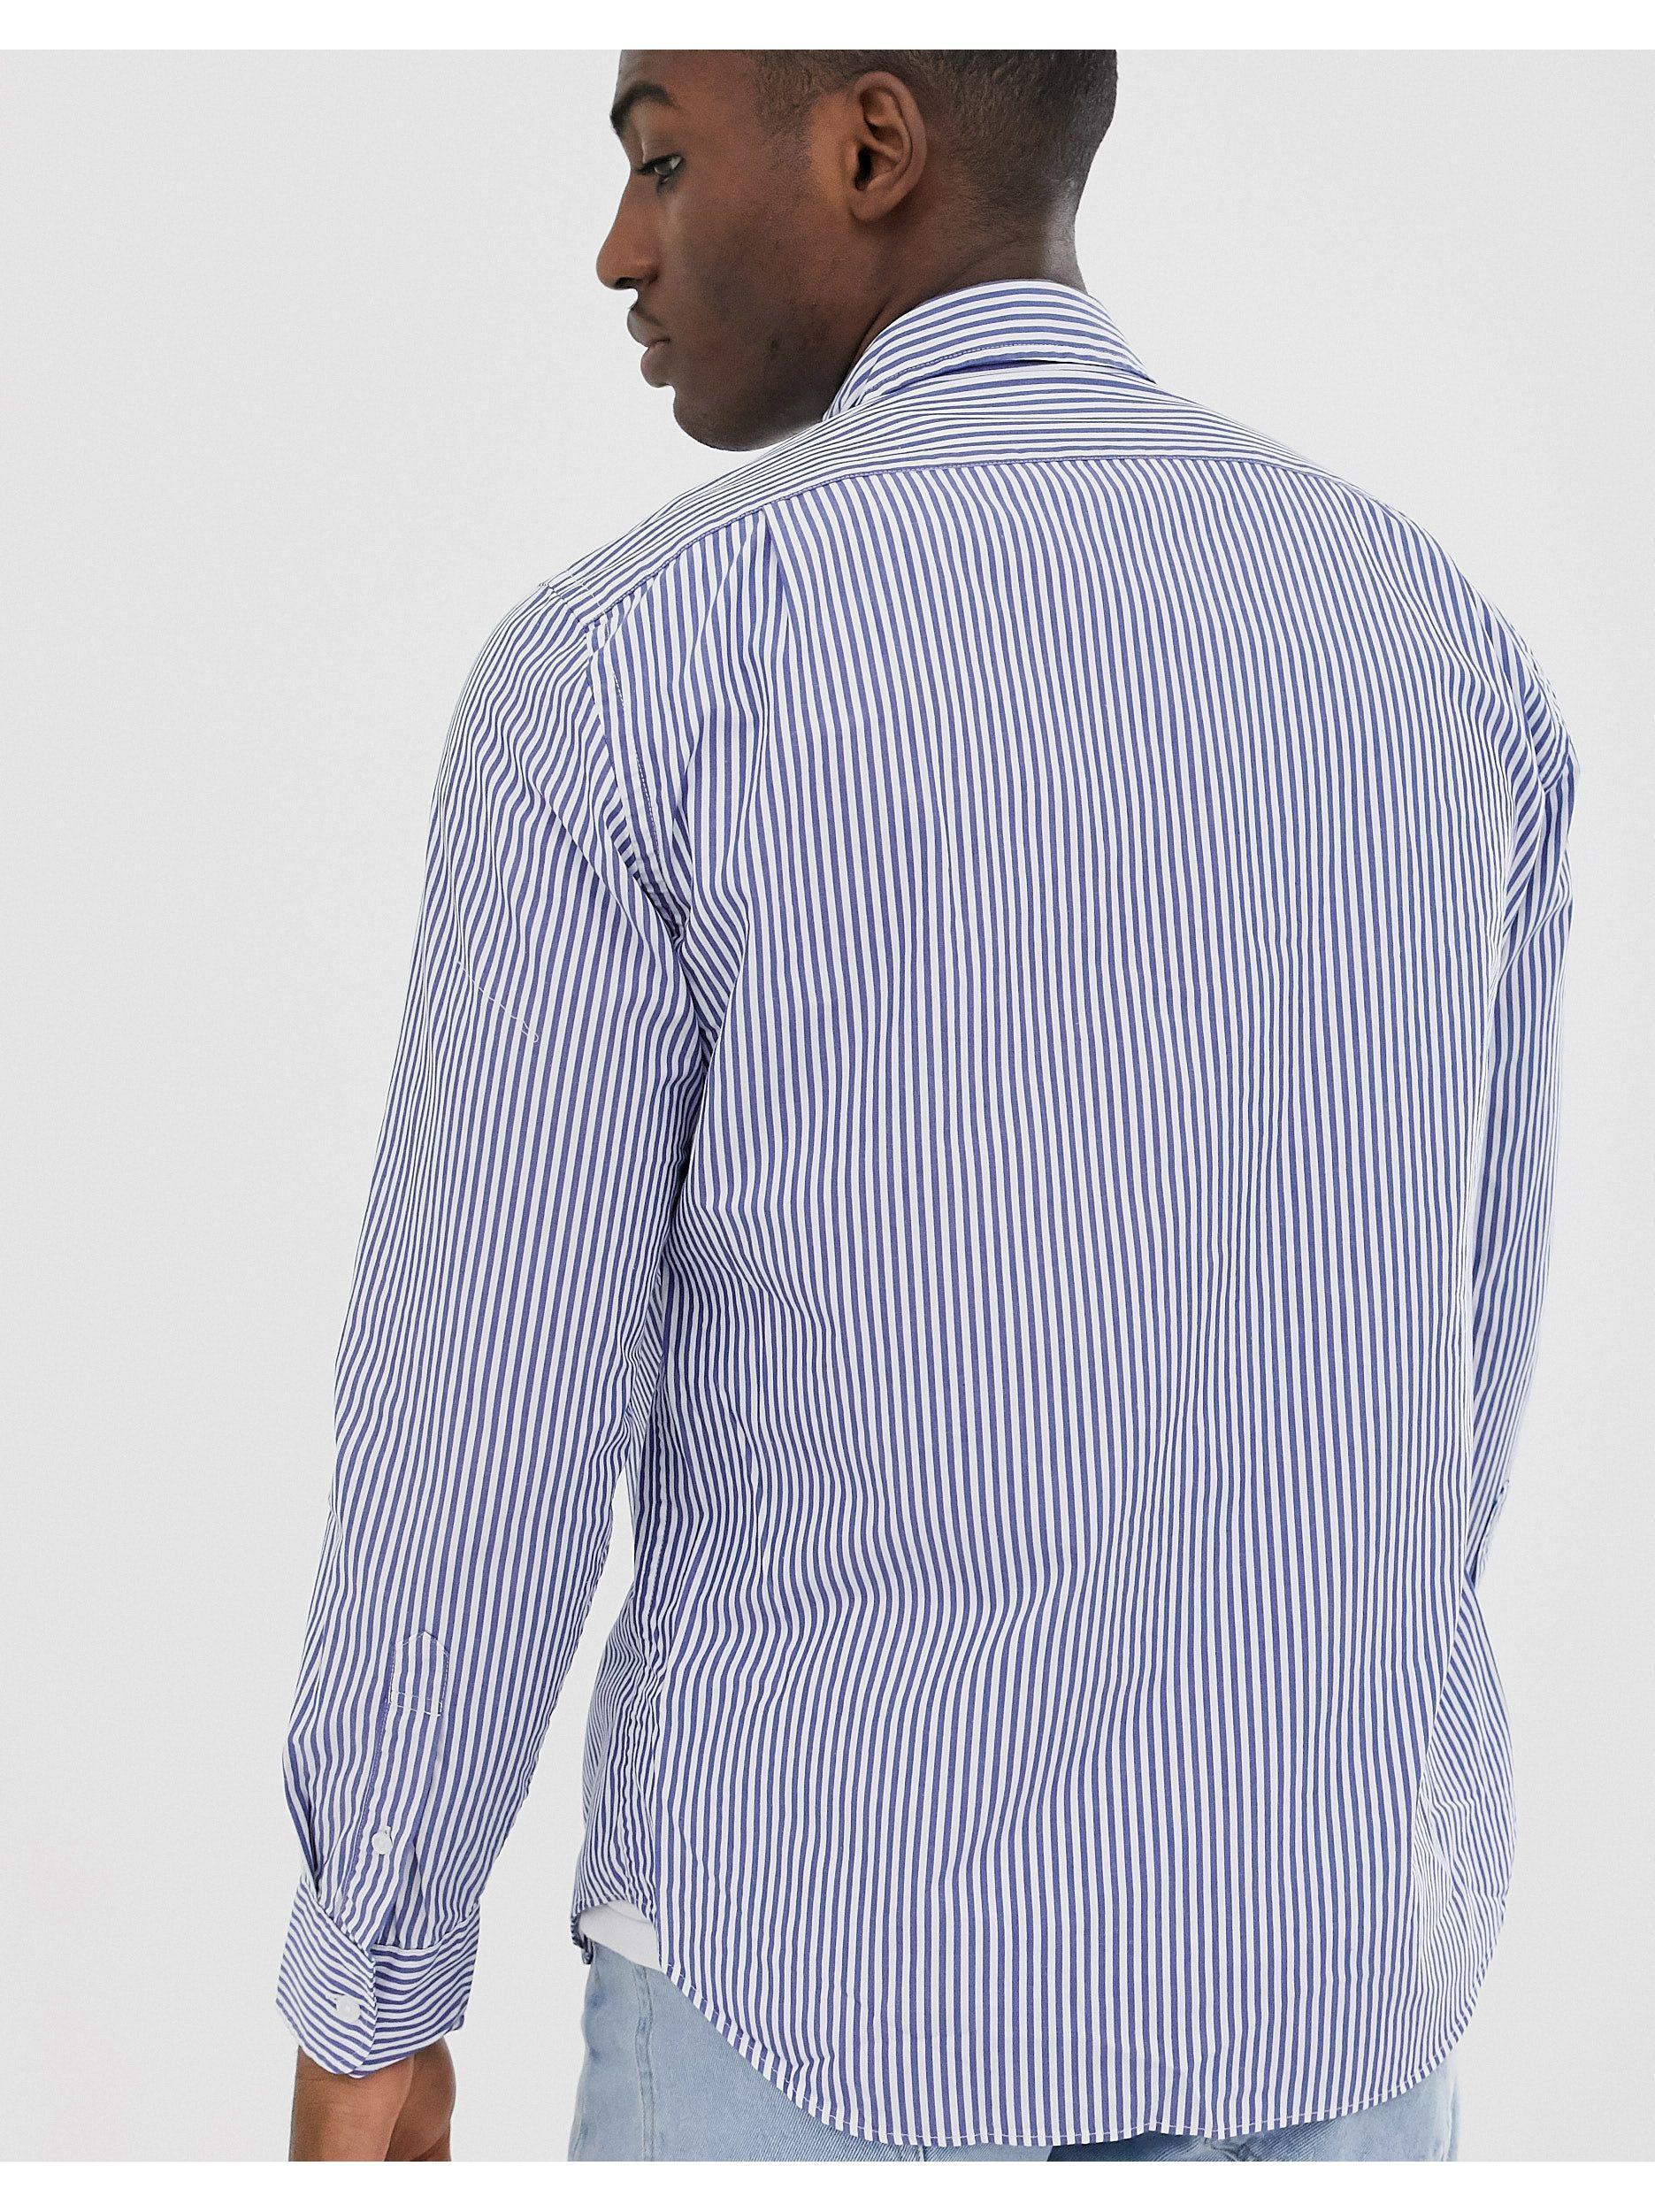 J.Crew Mercantile Denim Gestreept Slim-fit Overhemd Met Button-down Boord En Wassing in het Blauw voor heren